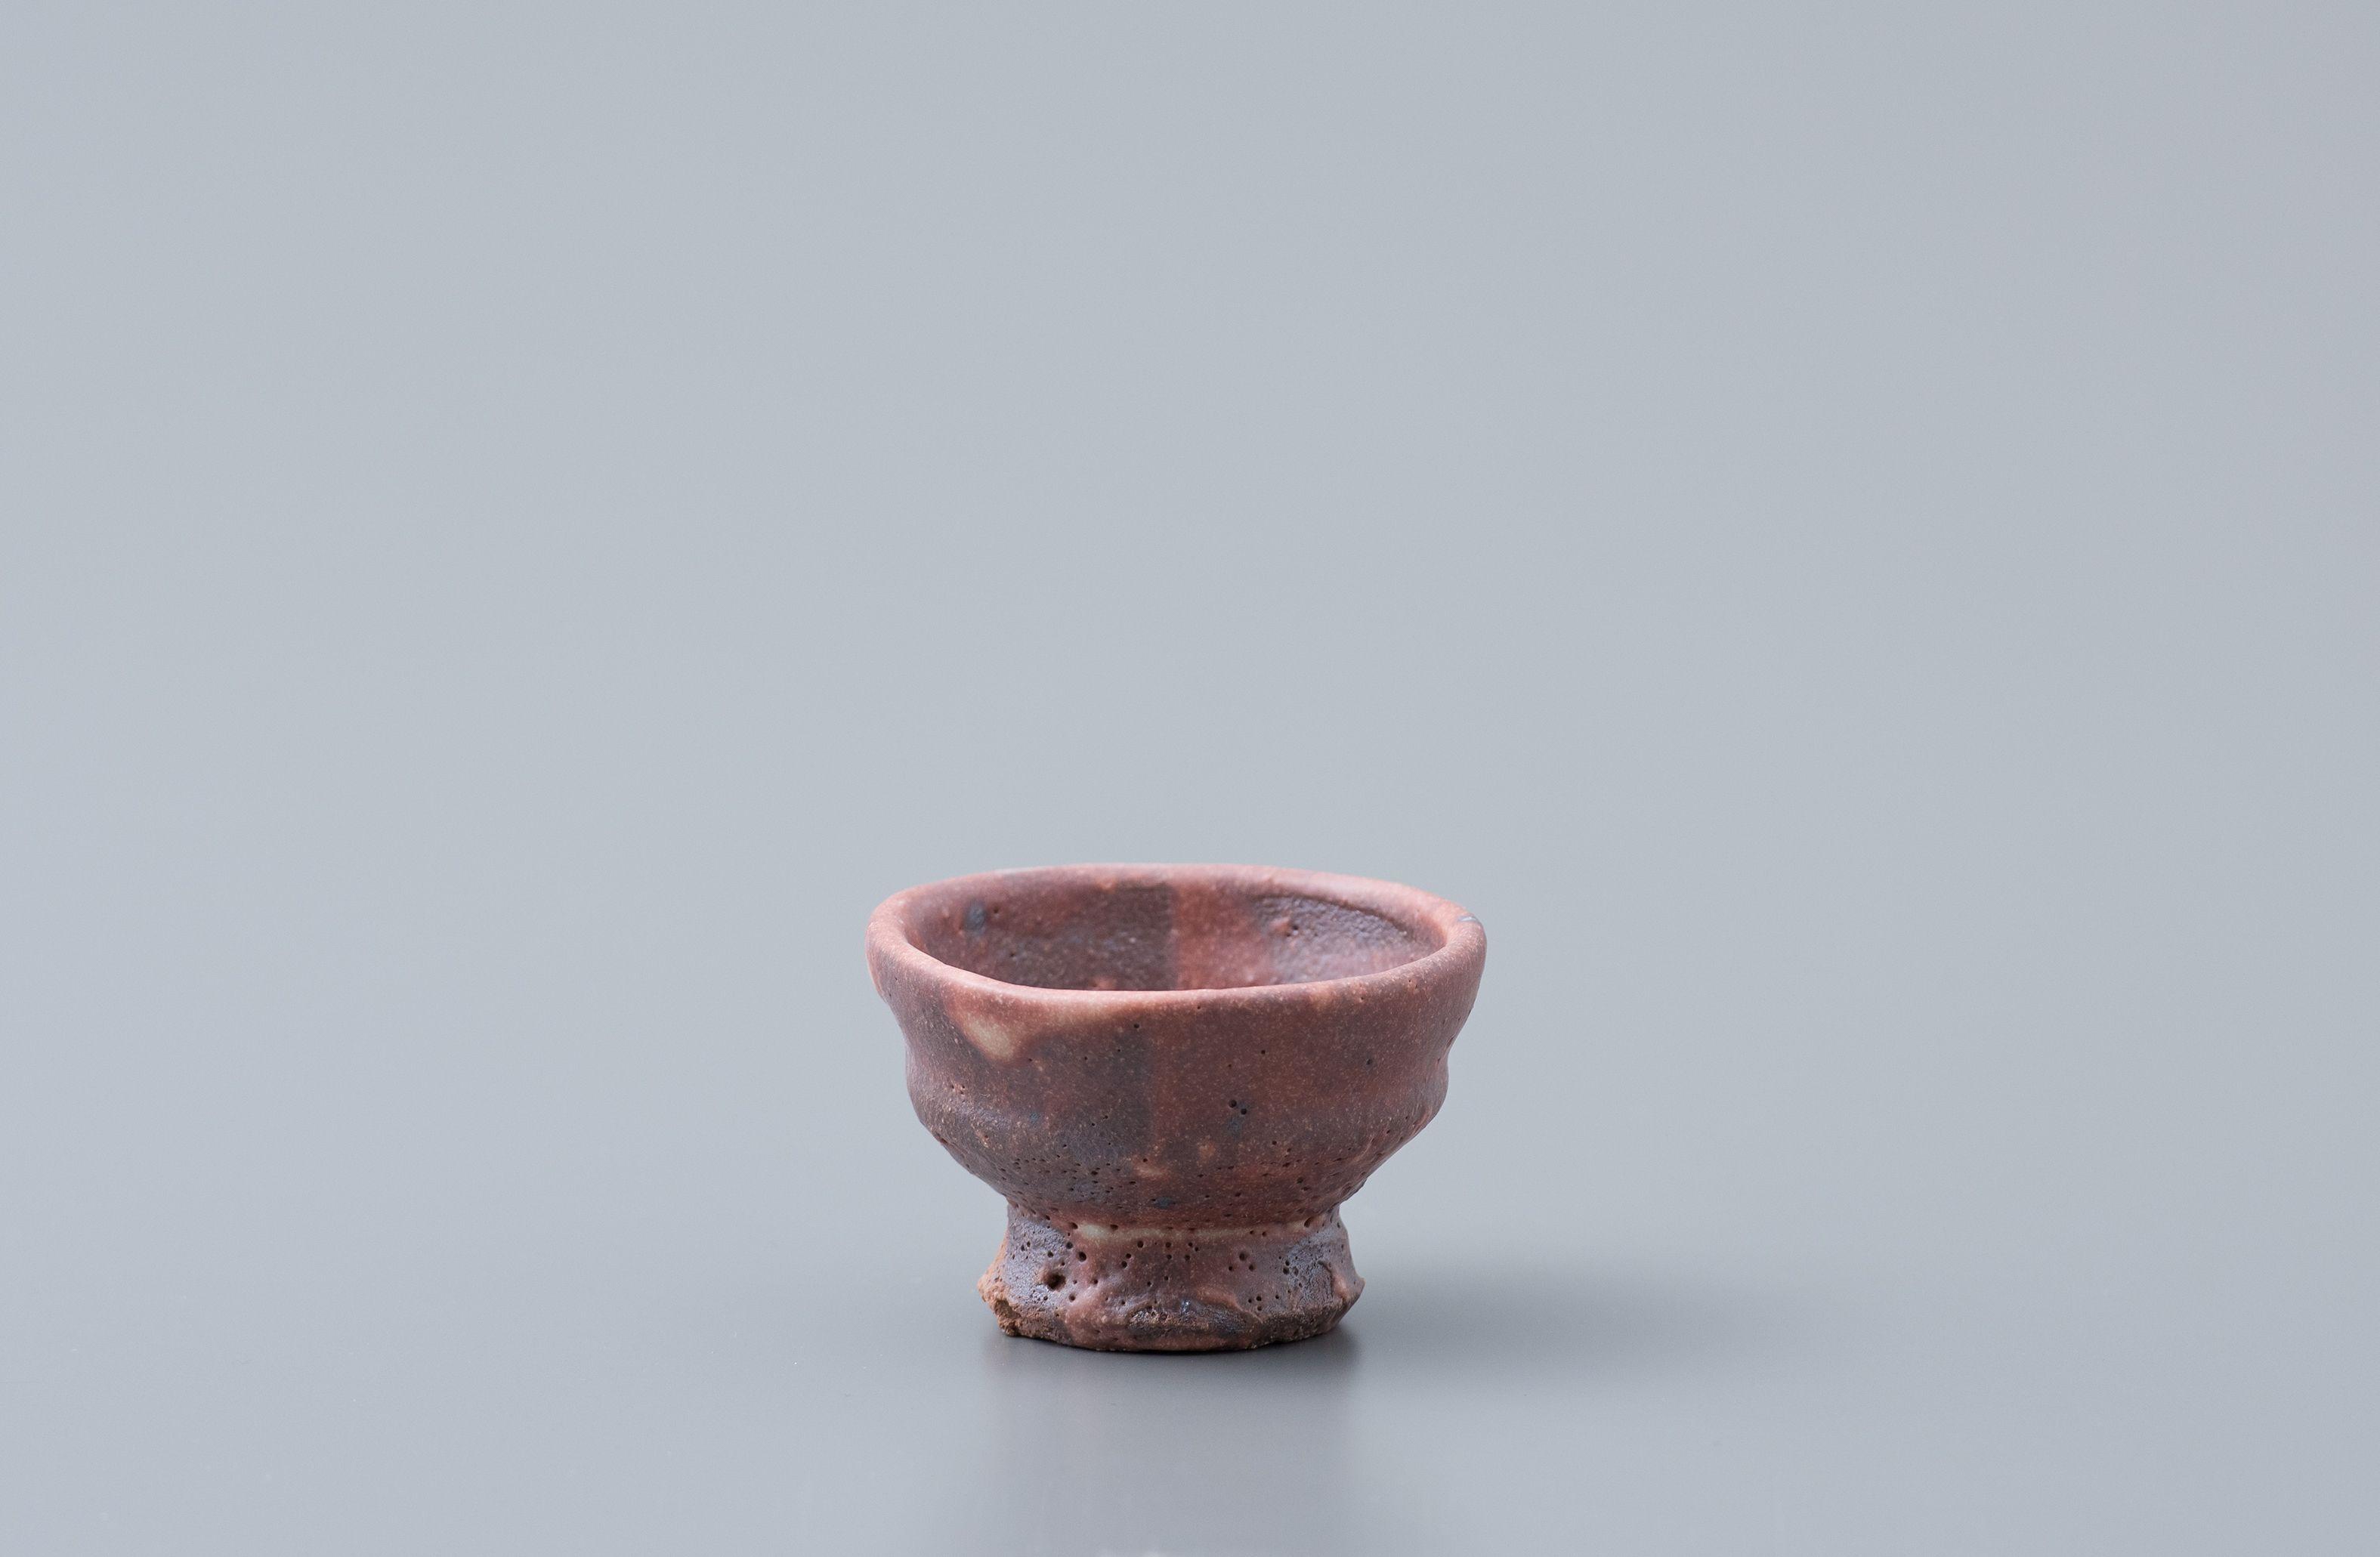 """Ken Matsuzaki, Sake cup, shino glaze, Stoneware, 2 x 2.75 x 2.75"""", MK962"""